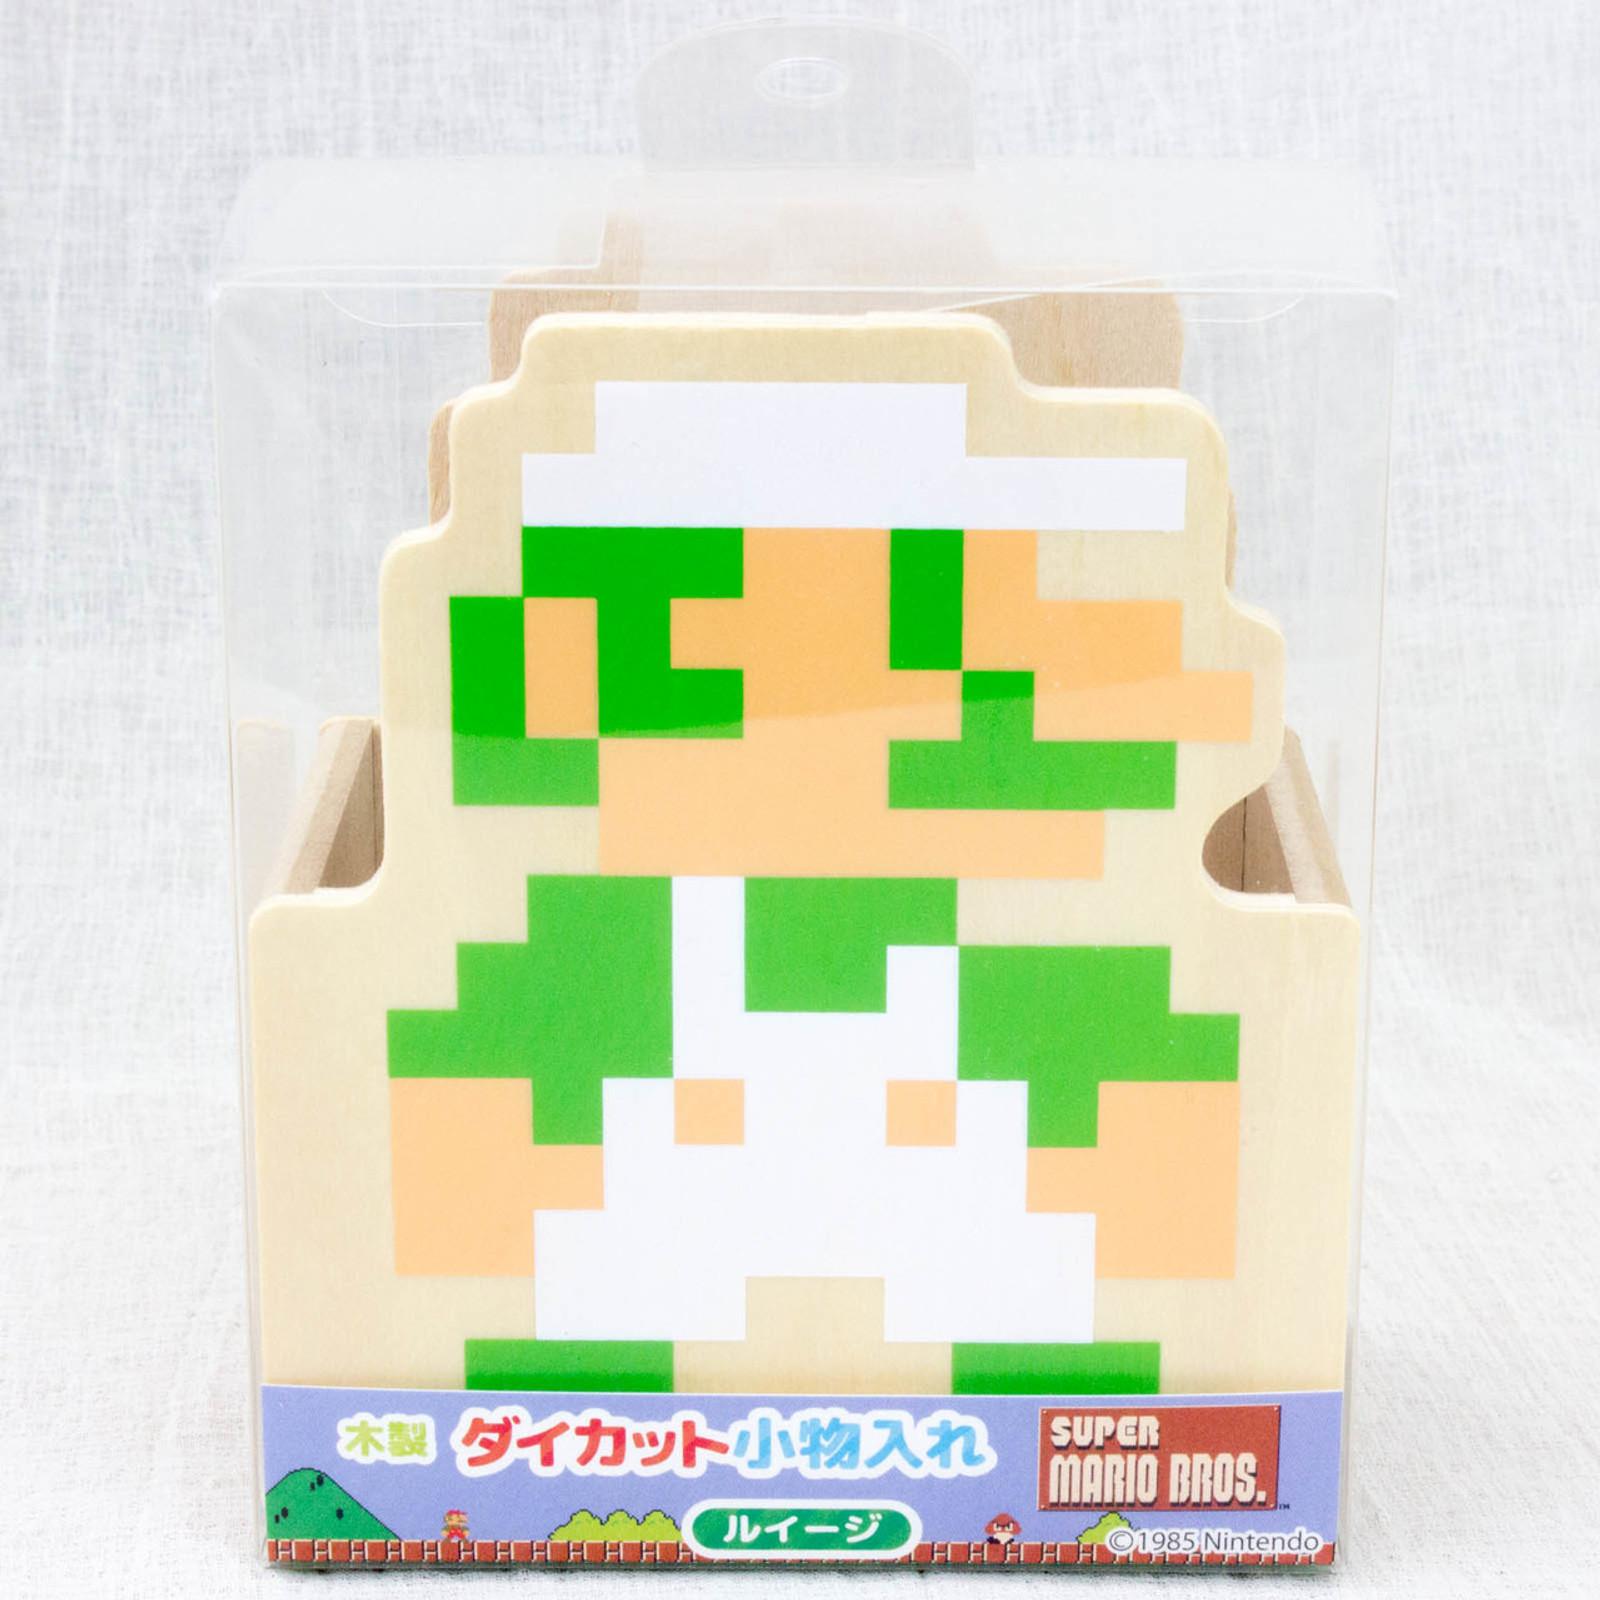 Super Mario Bros. 8bit Luigi Die cutting Wooden Accessory Case JAPAN FAMICOM